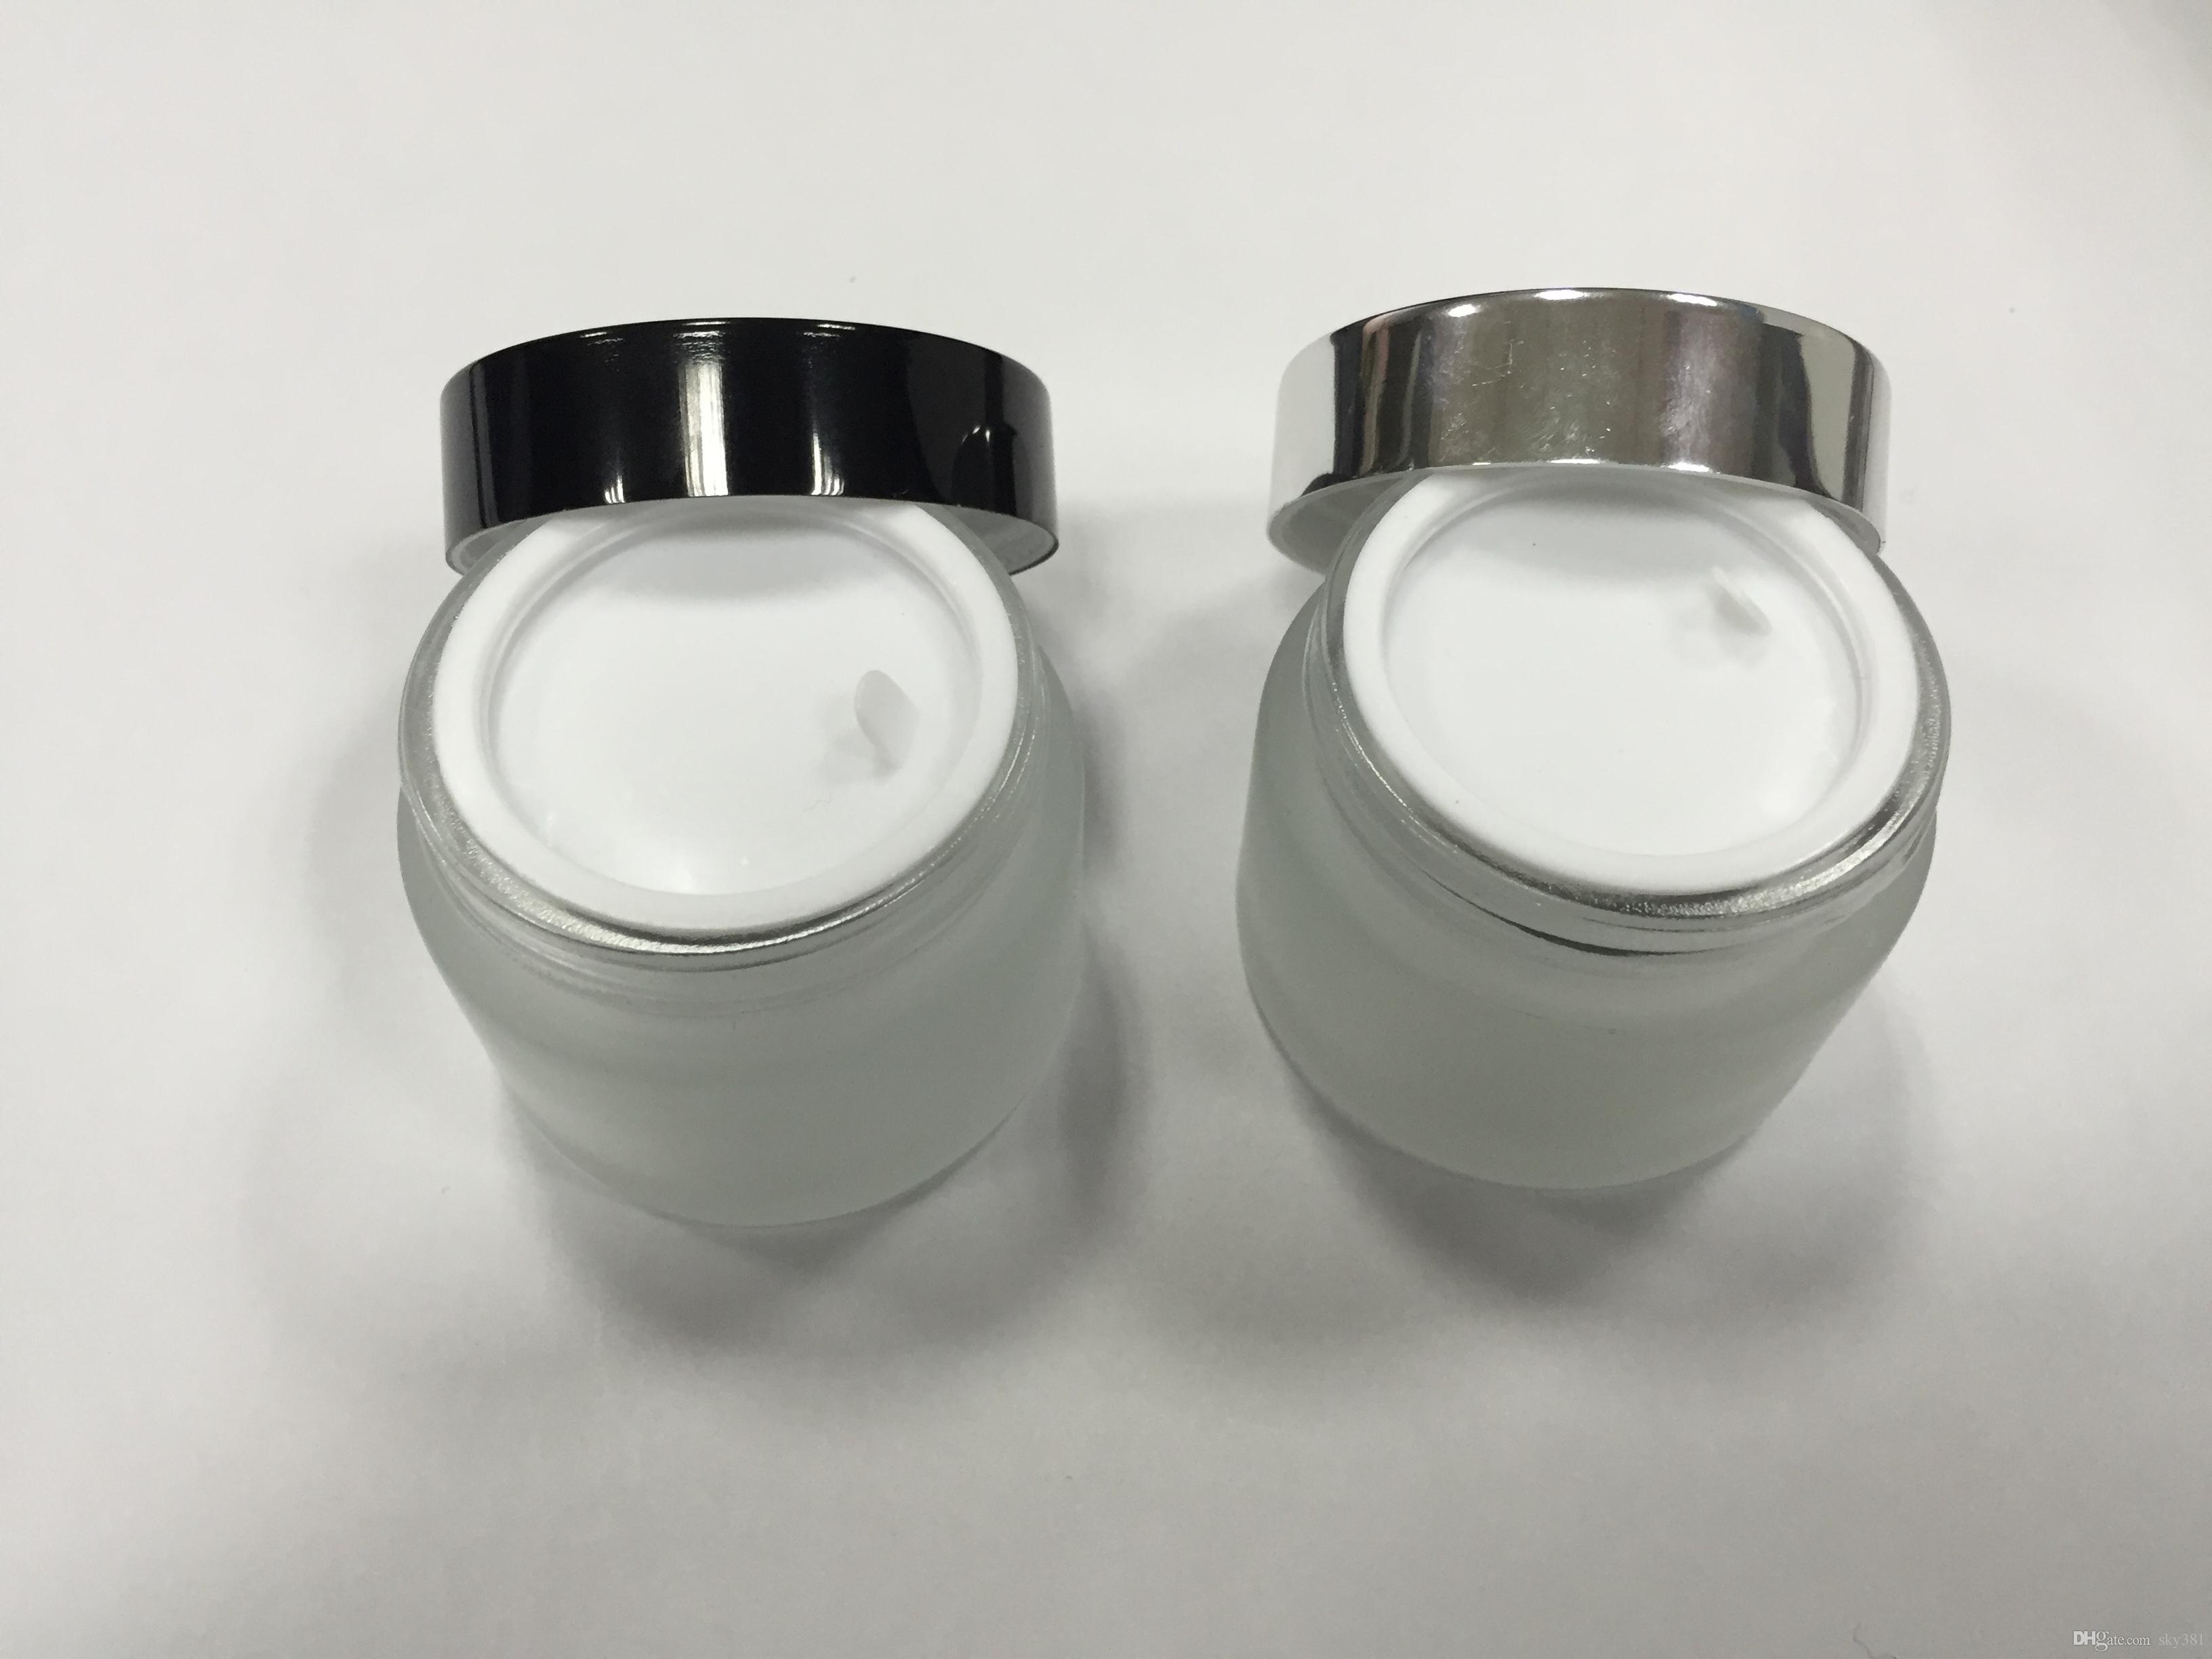 Ücretsiz kargo - 50g don cam krem kavanoz, cam kap, kozmetik ambalaj